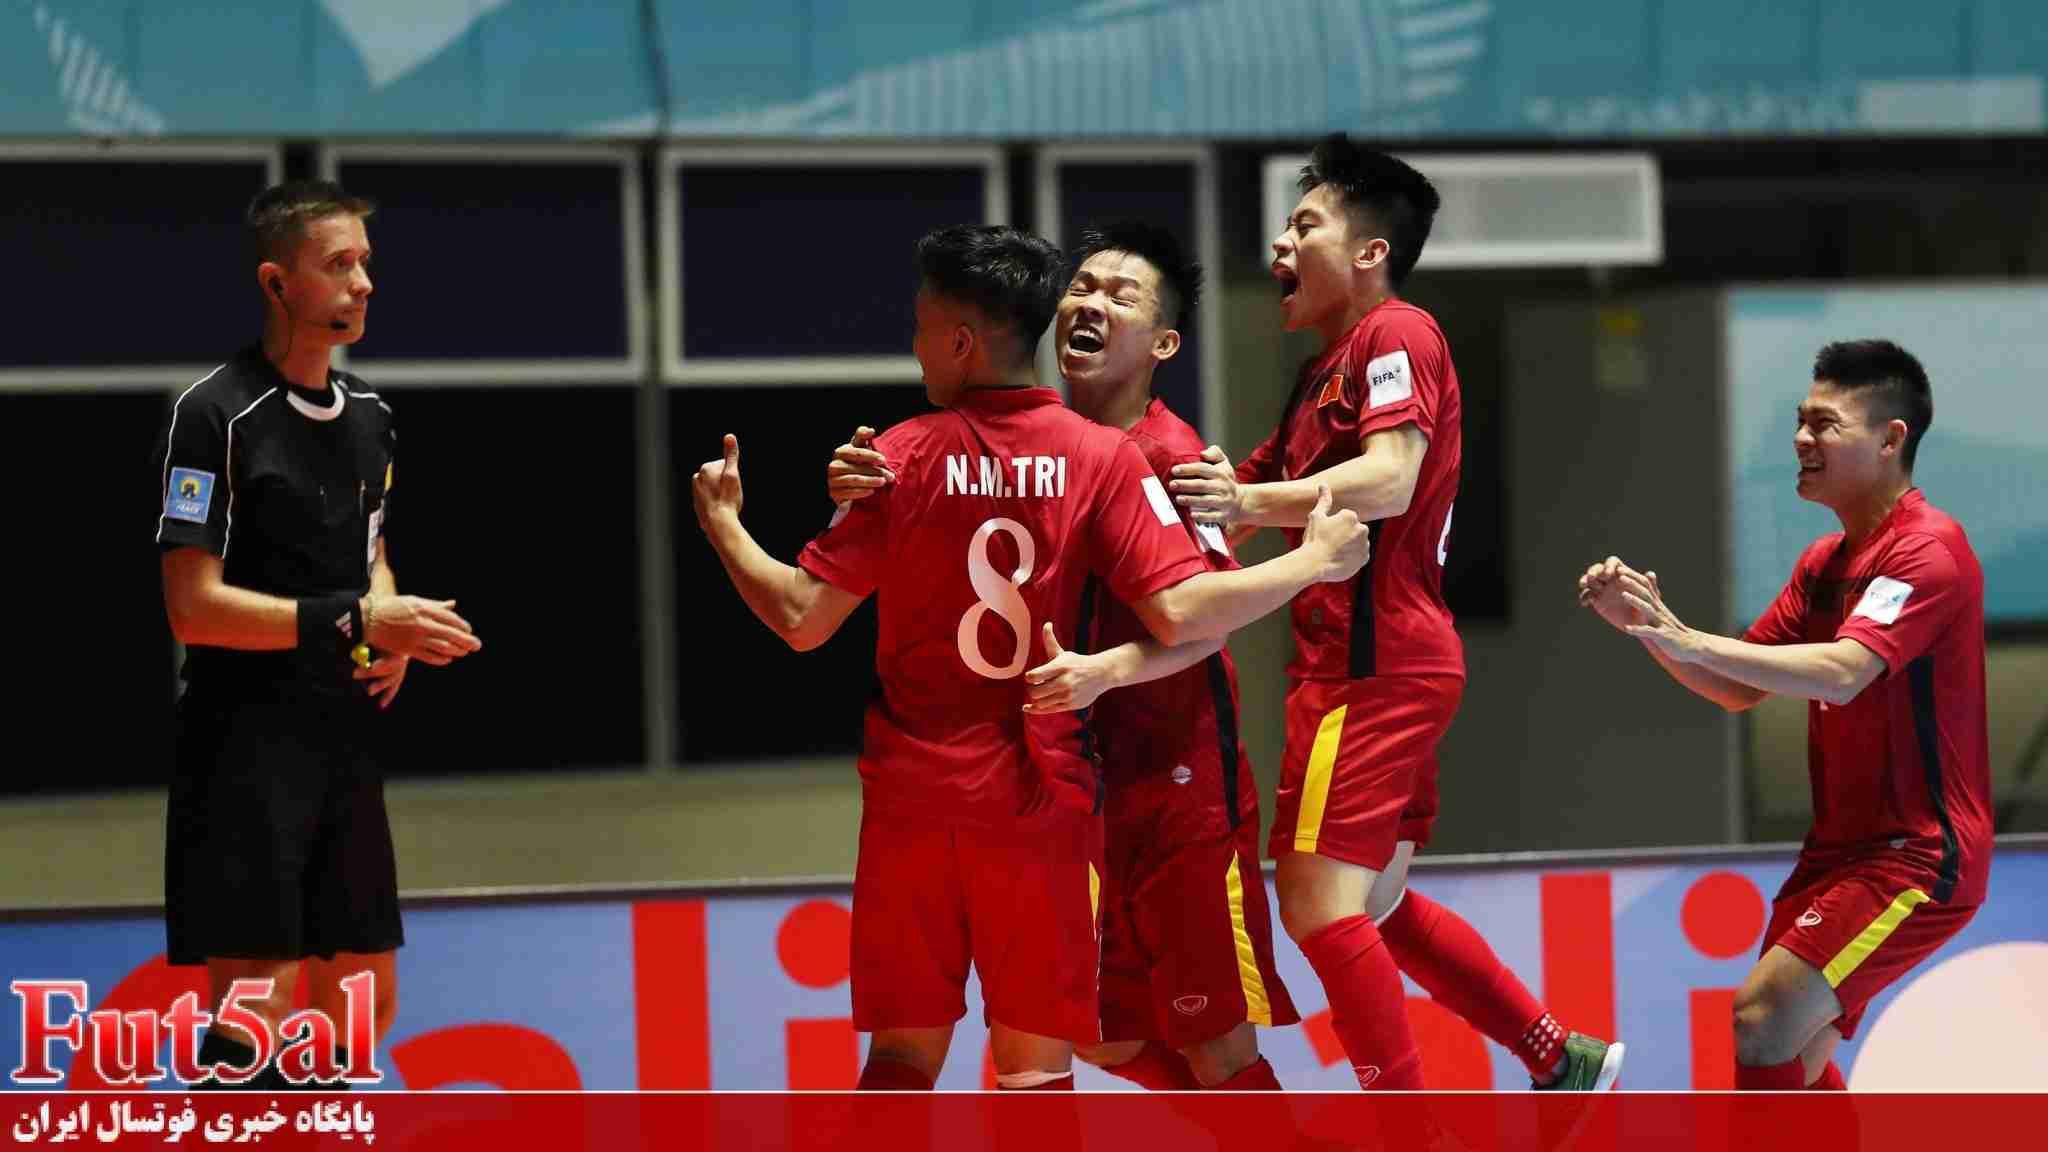 ویدئو/ بازی تیم های تایسون نام ویتنام و ارم قرقیزستان